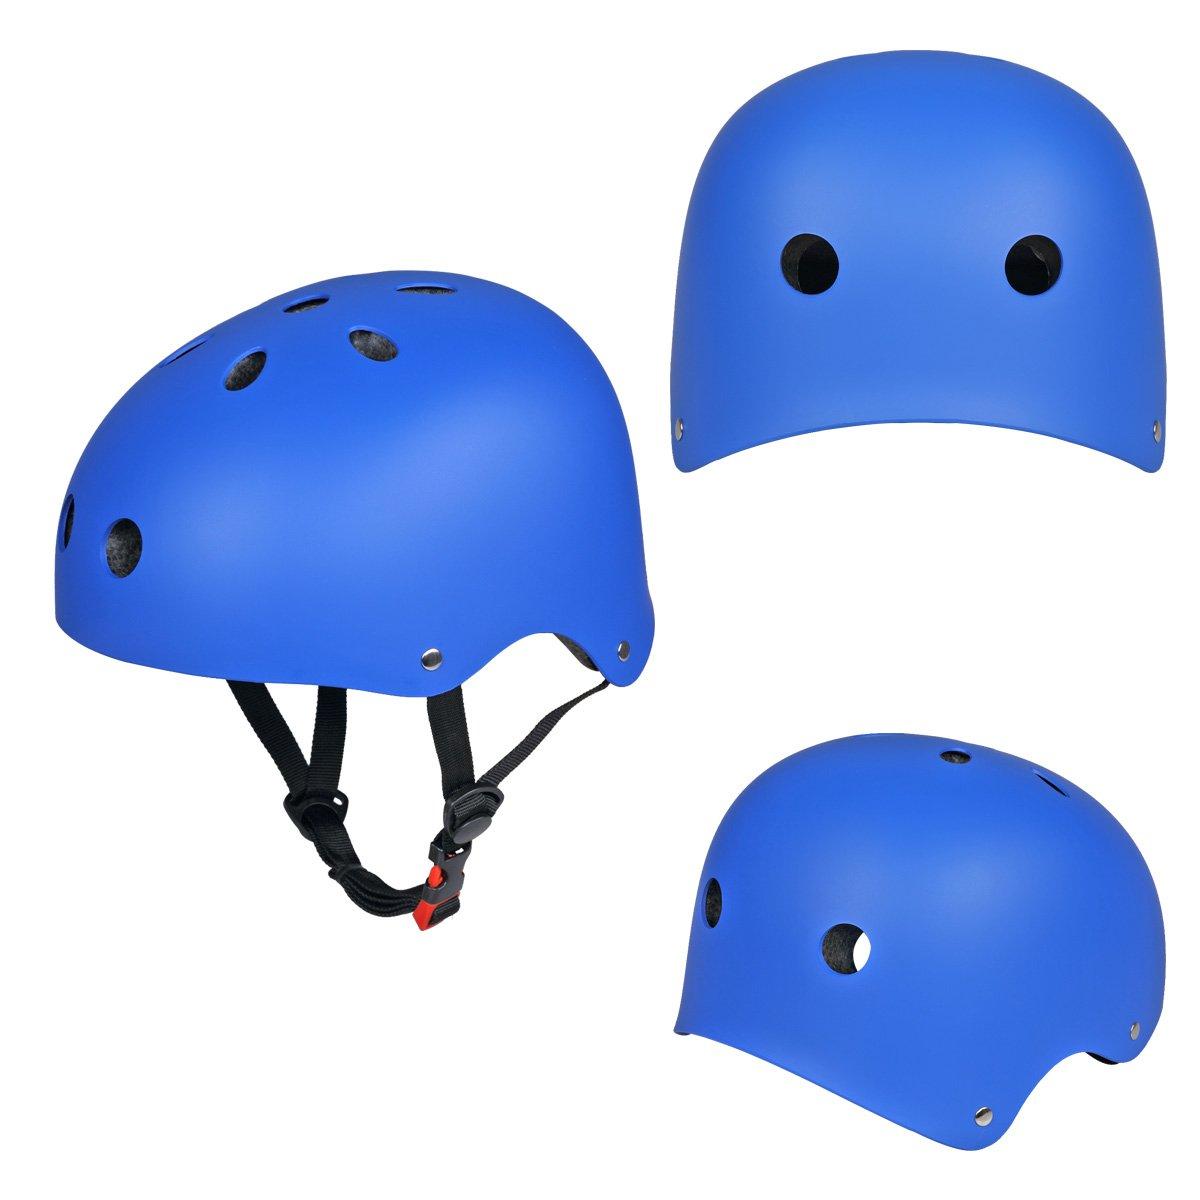 SymbolLife Verbesserung Skate/BMX Helm, Skateboarding Helmet fahrradhelm mit Drehrad-Anpassungs Systeme geeignet für Kinder/Jugendlicher/Erwachsenen CE Zulassung